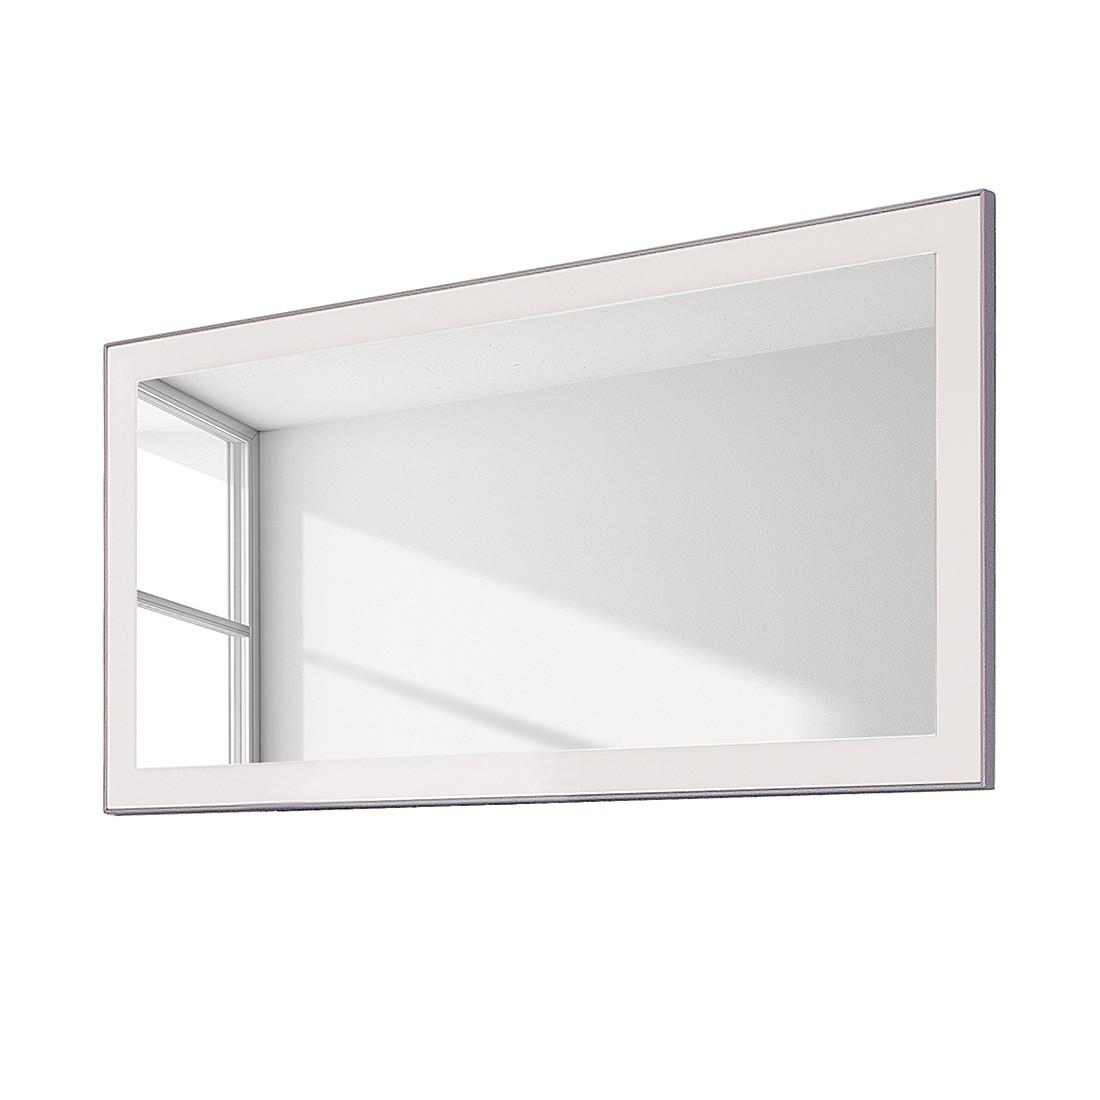 Spiegel Allround V – Weiß – 120 x 59 cm, Voss günstig bestellen